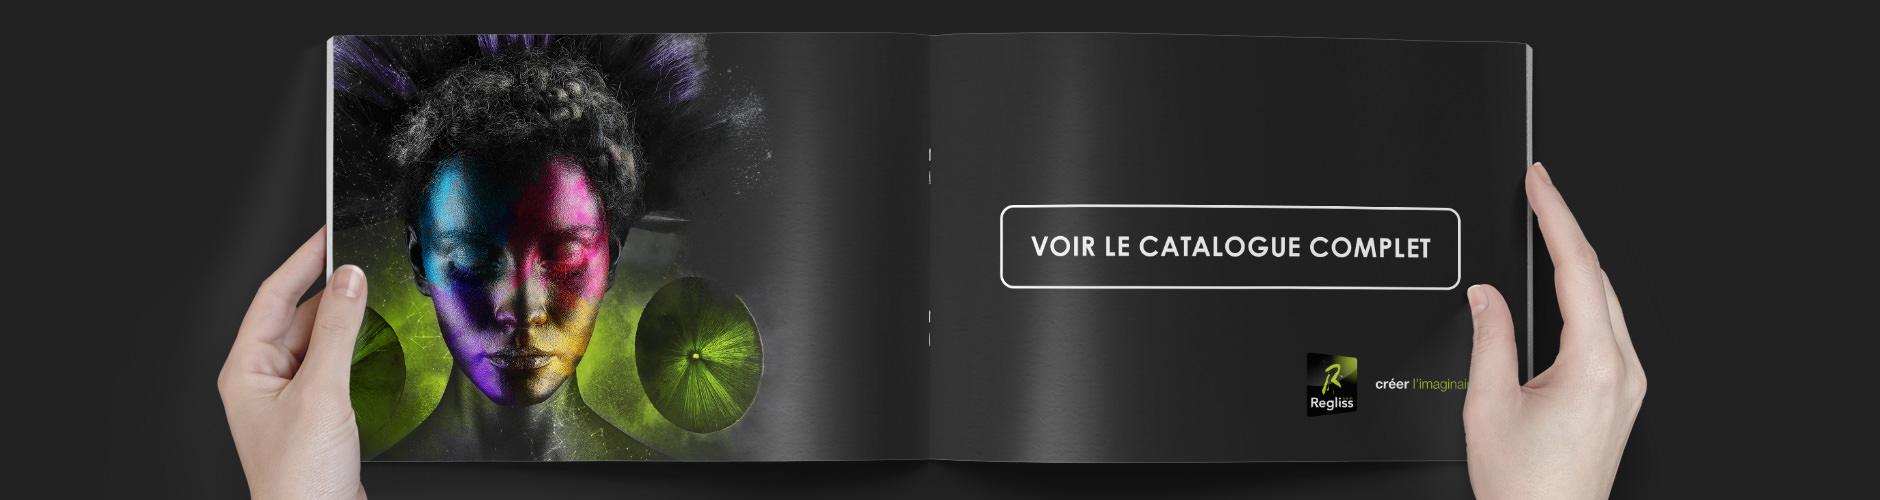 Outils marketing-Impression / Voir le catalogue